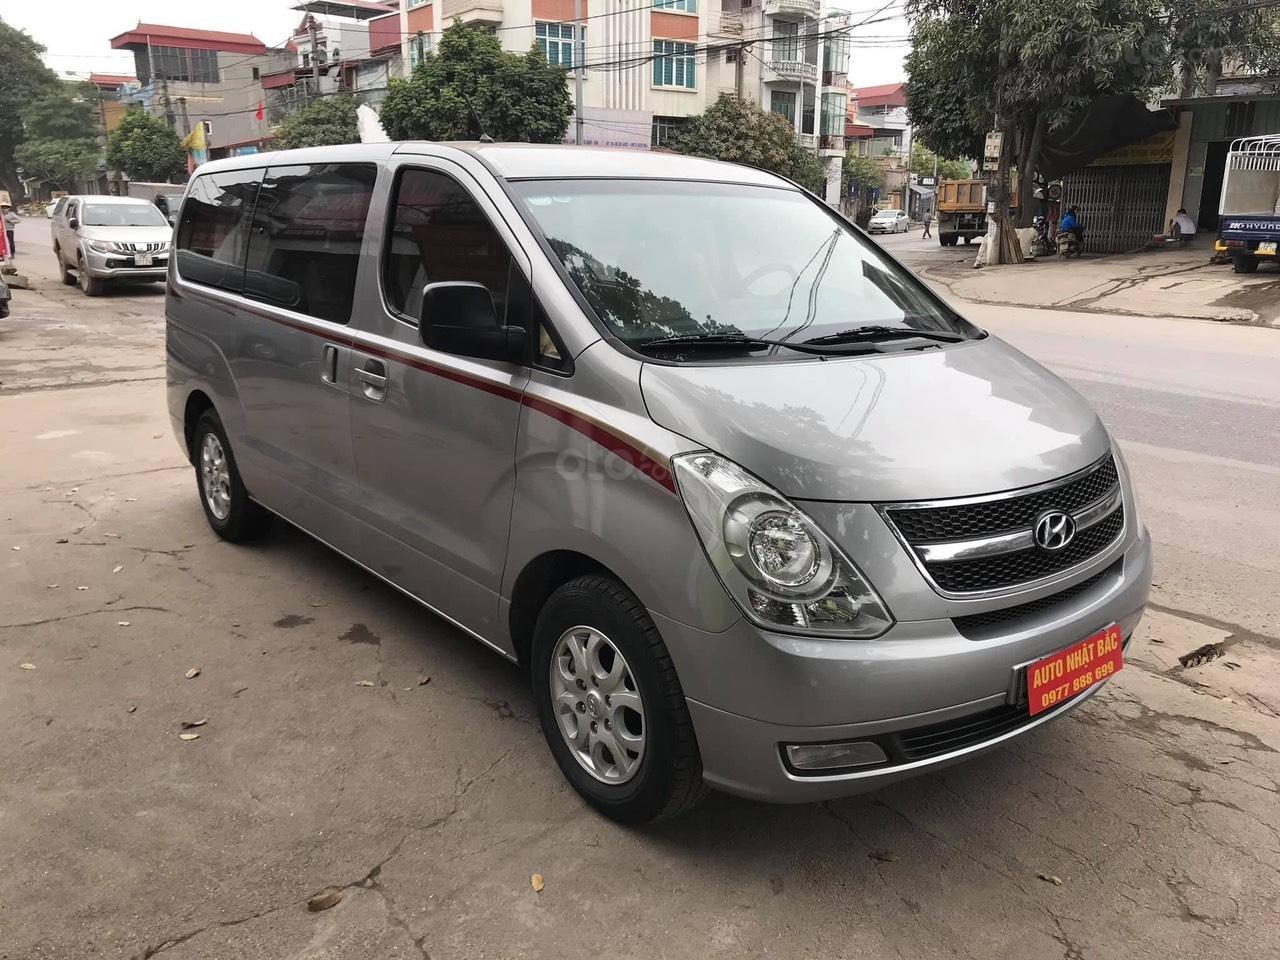 Bán xe 9 chỗ, máy dầu, số sàn hiệu Hyundai Starex, xe được nhập khẩu nguyên chiếc từ Hàn Quốc, đời 2014-1